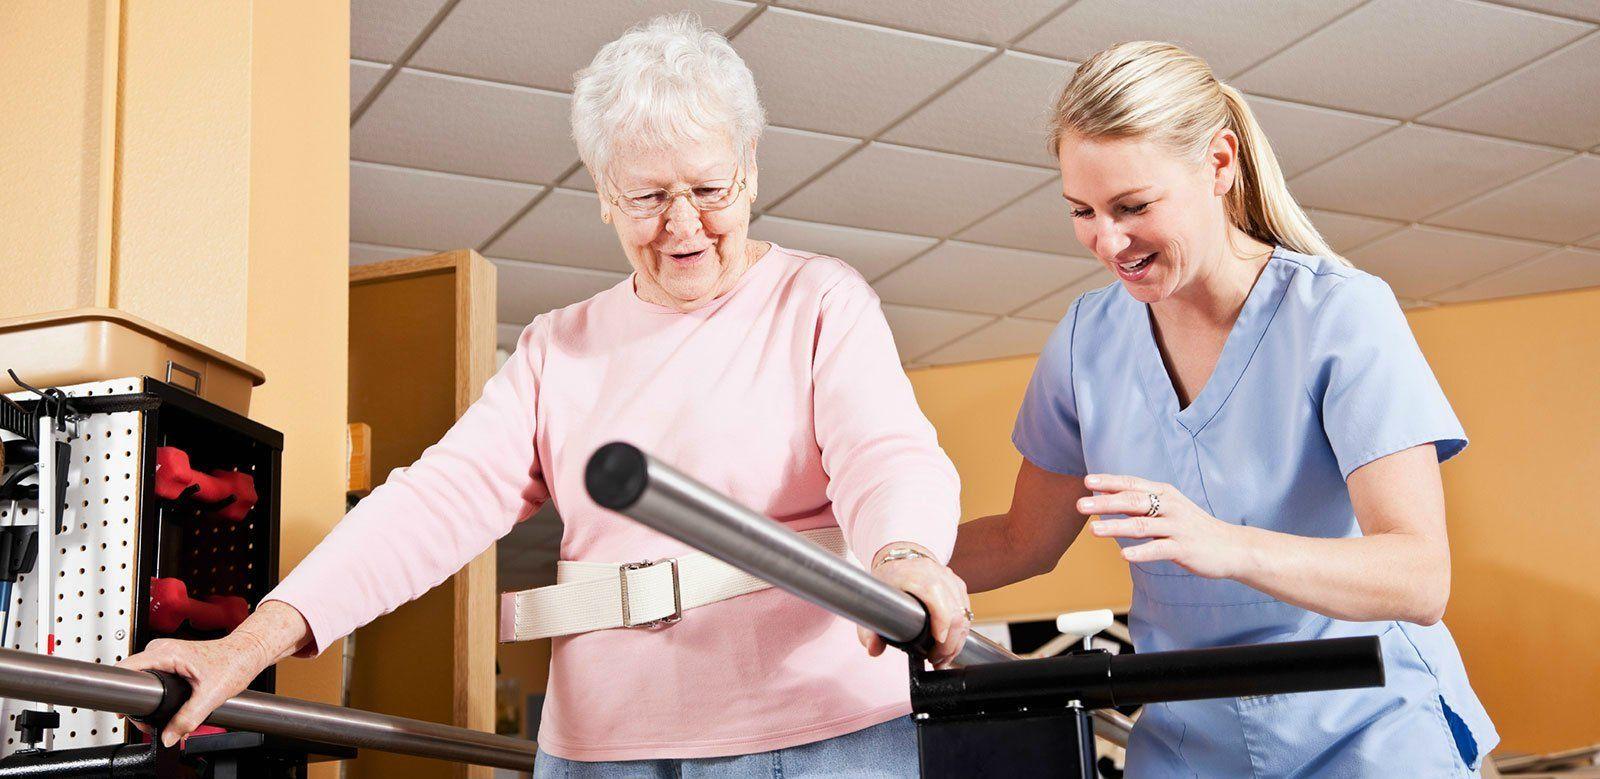 rehabilitation-care-care